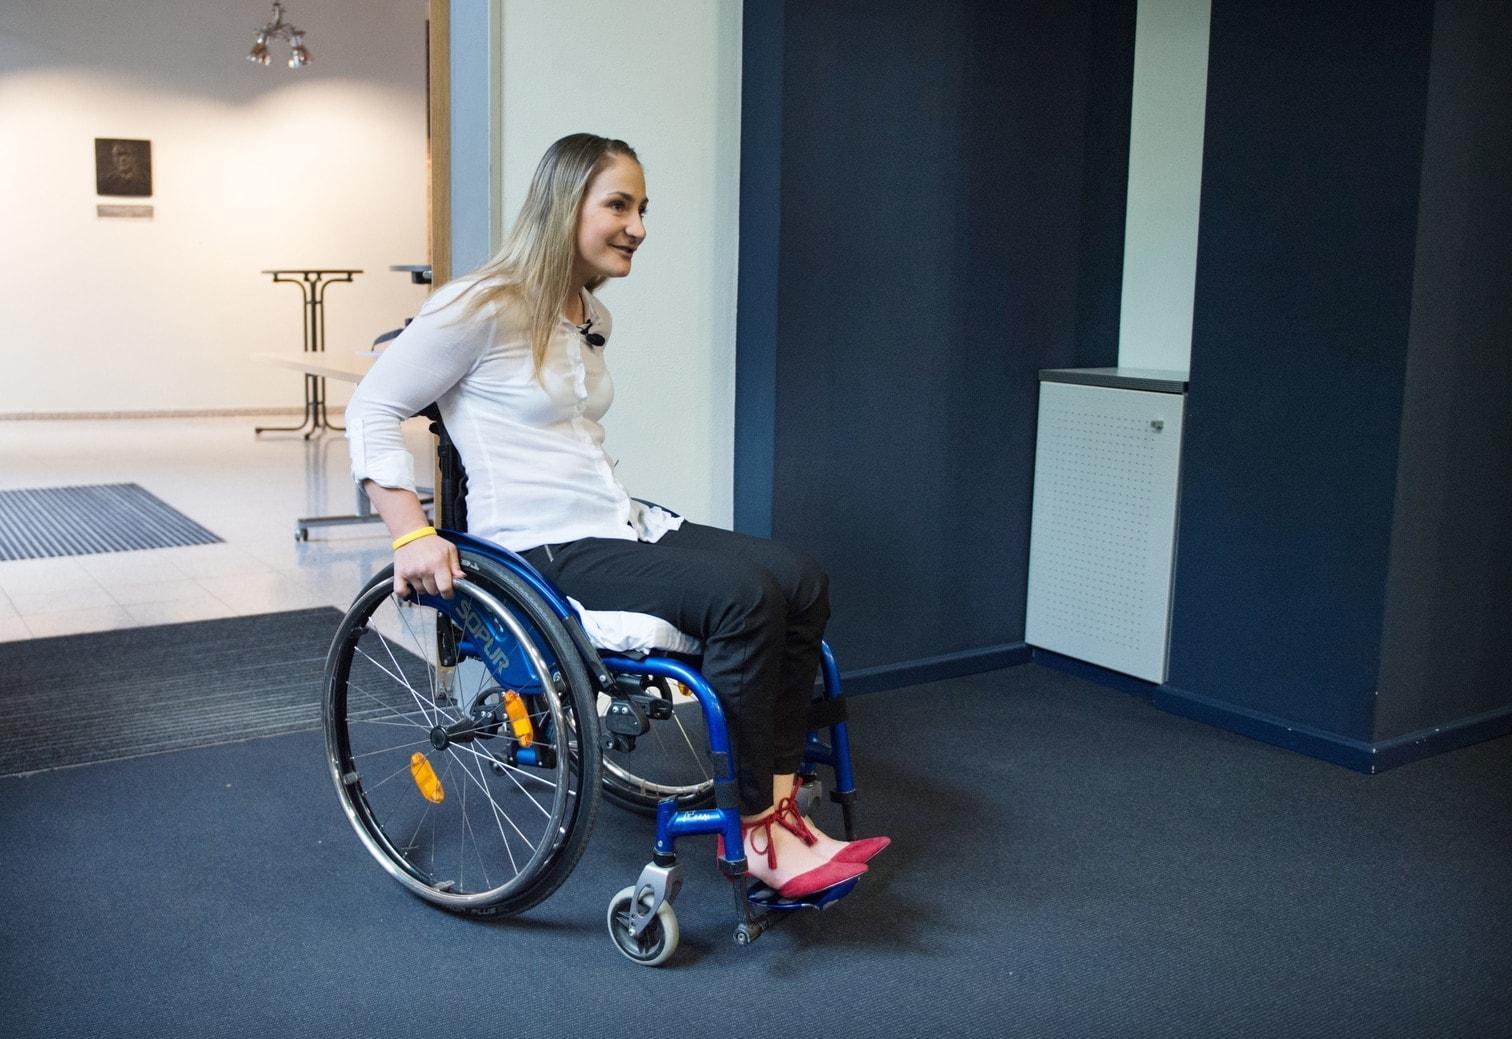 <p>Die querschnittsgel&auml;hmte Radsport-Olympiasiegerin Kristina Vogel hat sich bei ihrem ersten &ouml;ffentlichen Auftritt nach ihrem schlimmen Unfall von der Anteilnahme an ihrem Schicksal &uuml;berw&auml;ltigt gezeigt.</p> Foto: dpa